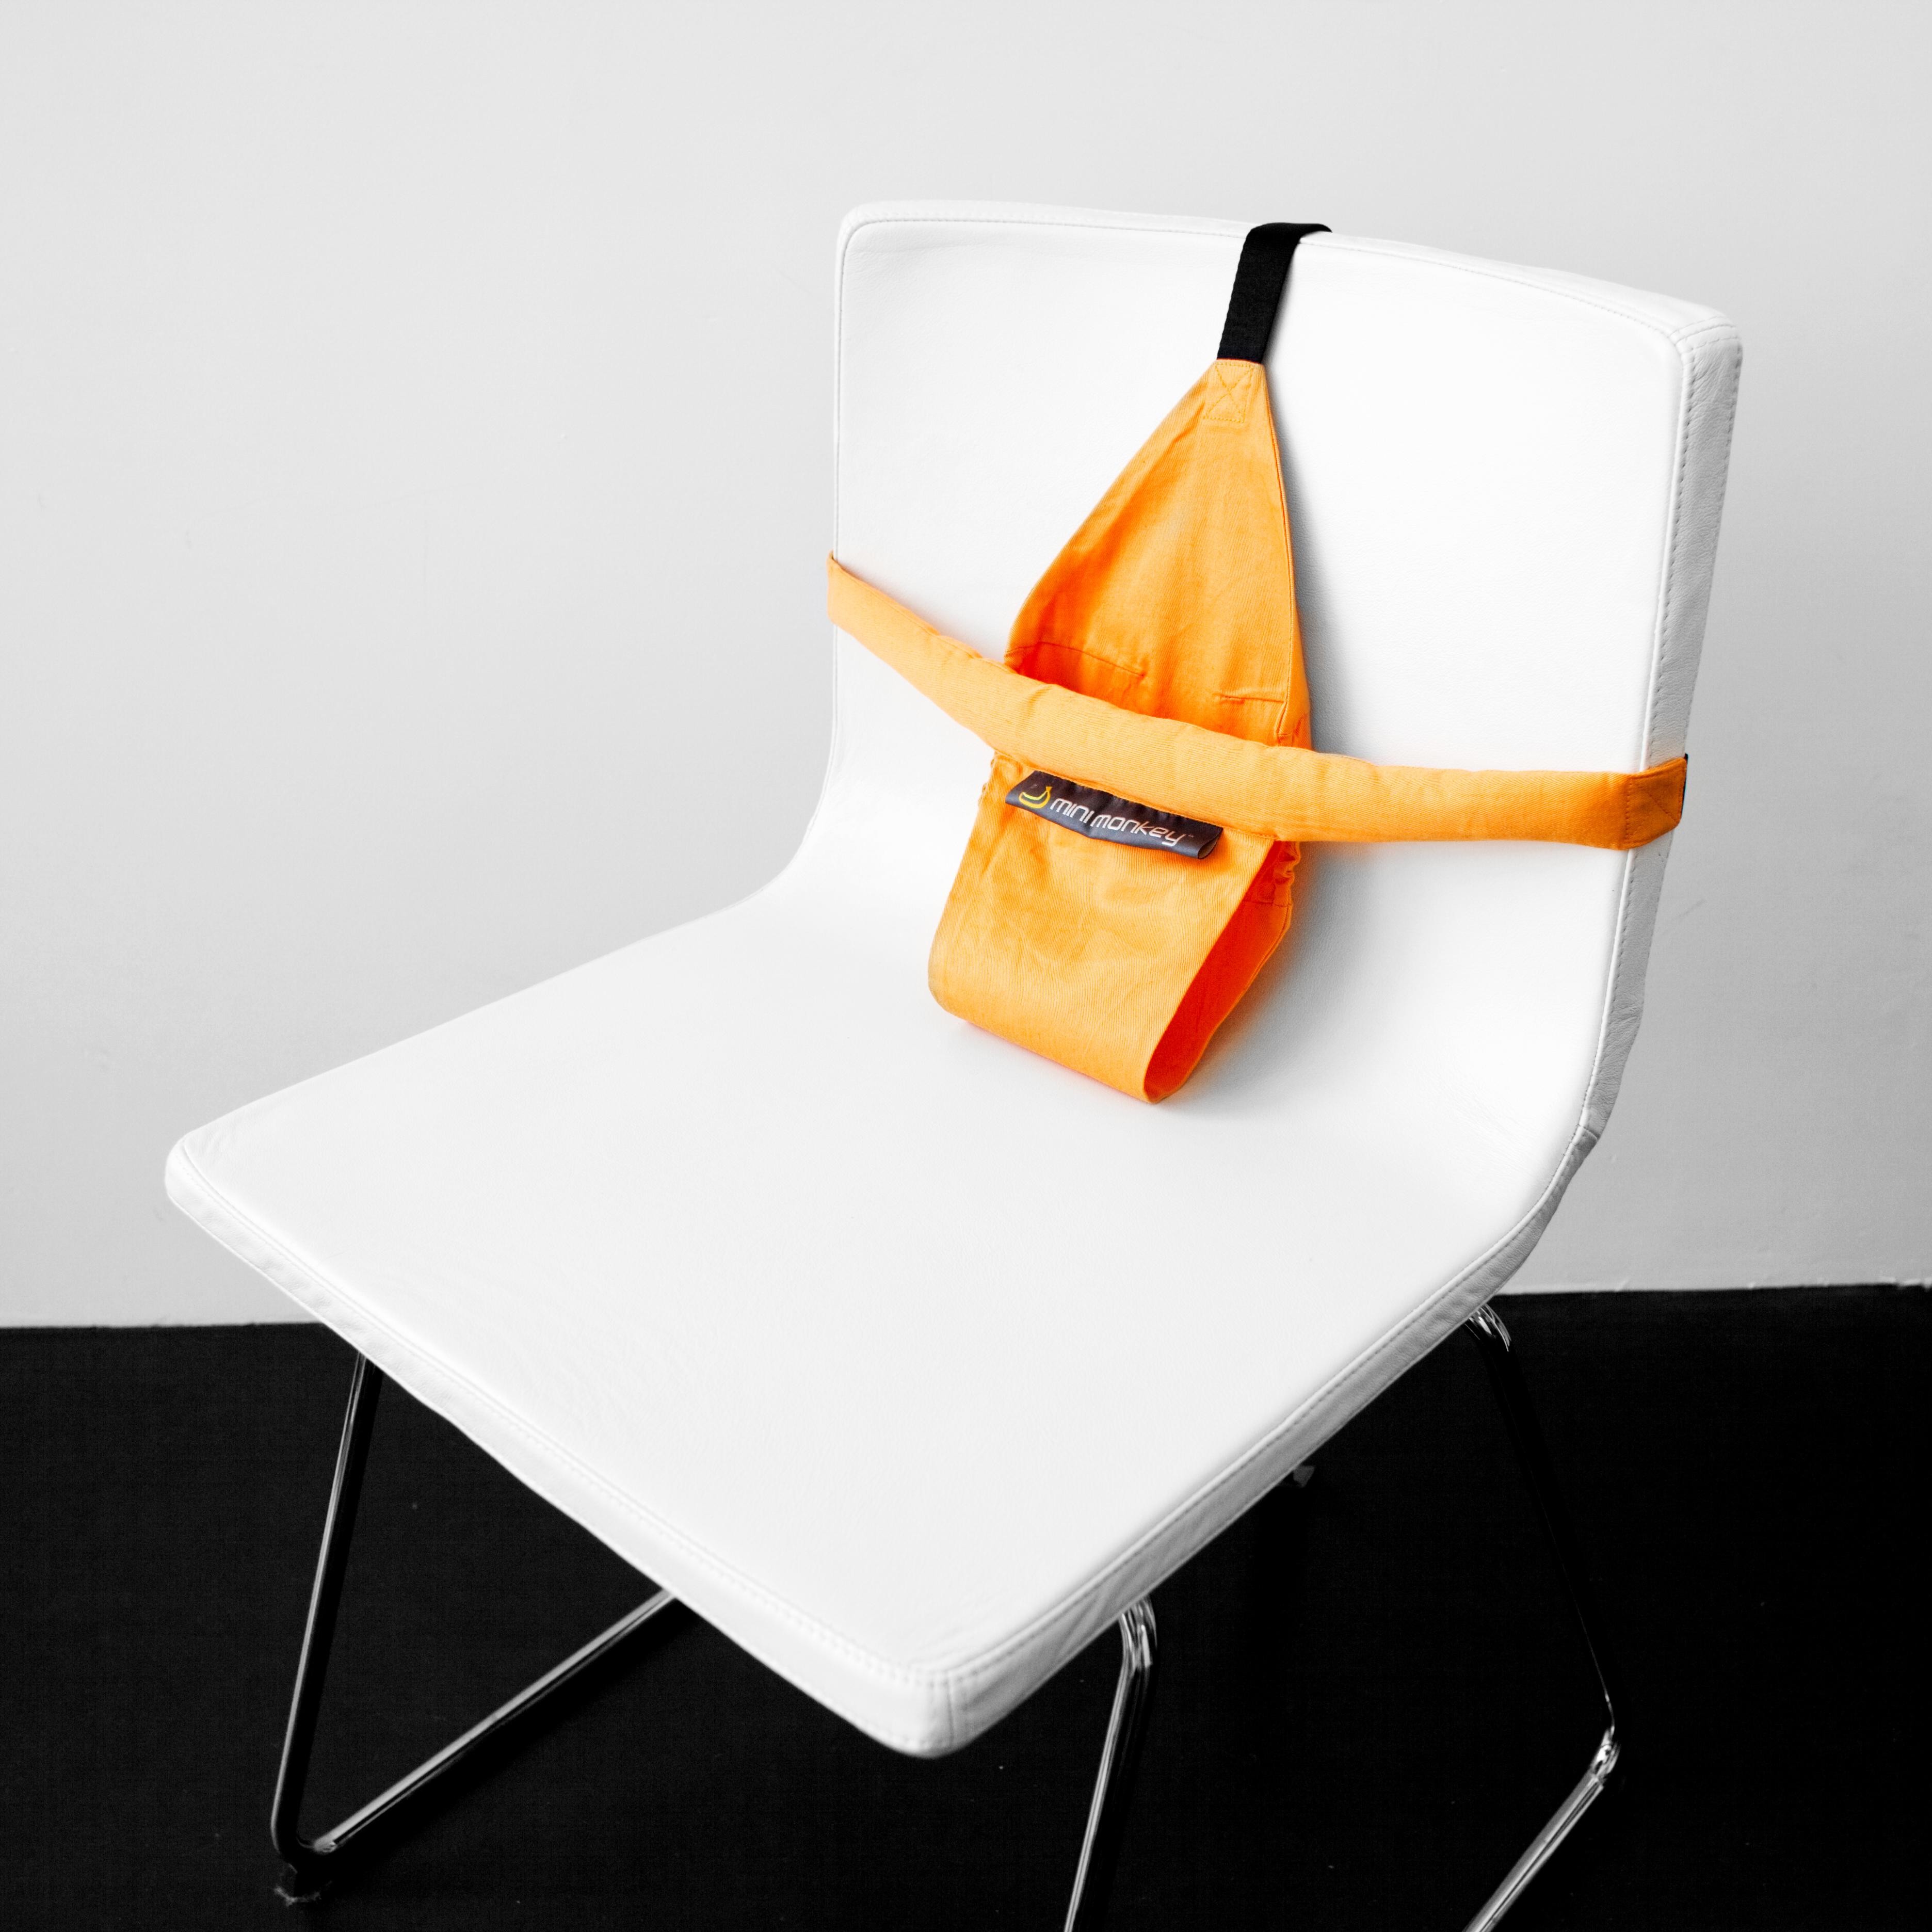 907_minichair_product_ii